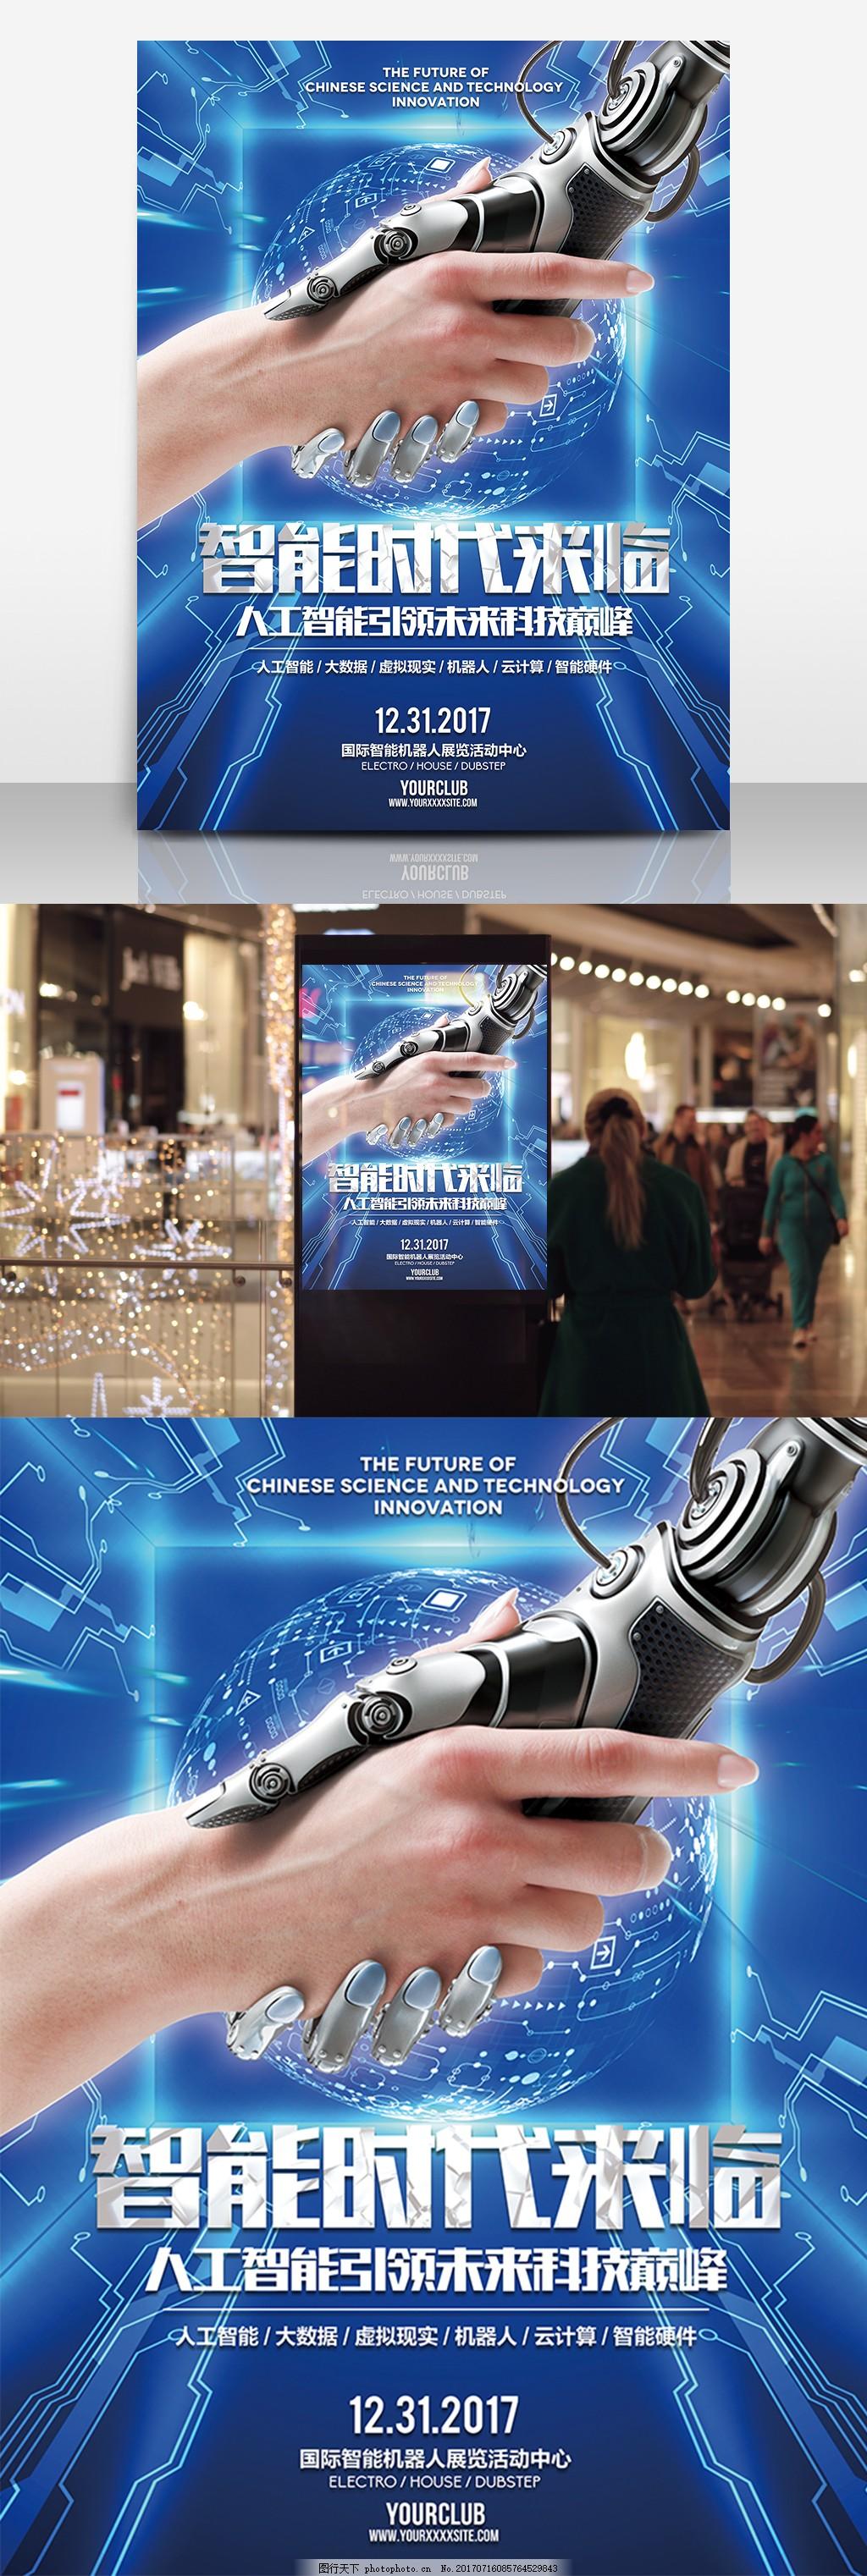 智能科技 人工智能 机器人 科幻 海报 展板 促销 宣传 大数据 云计算